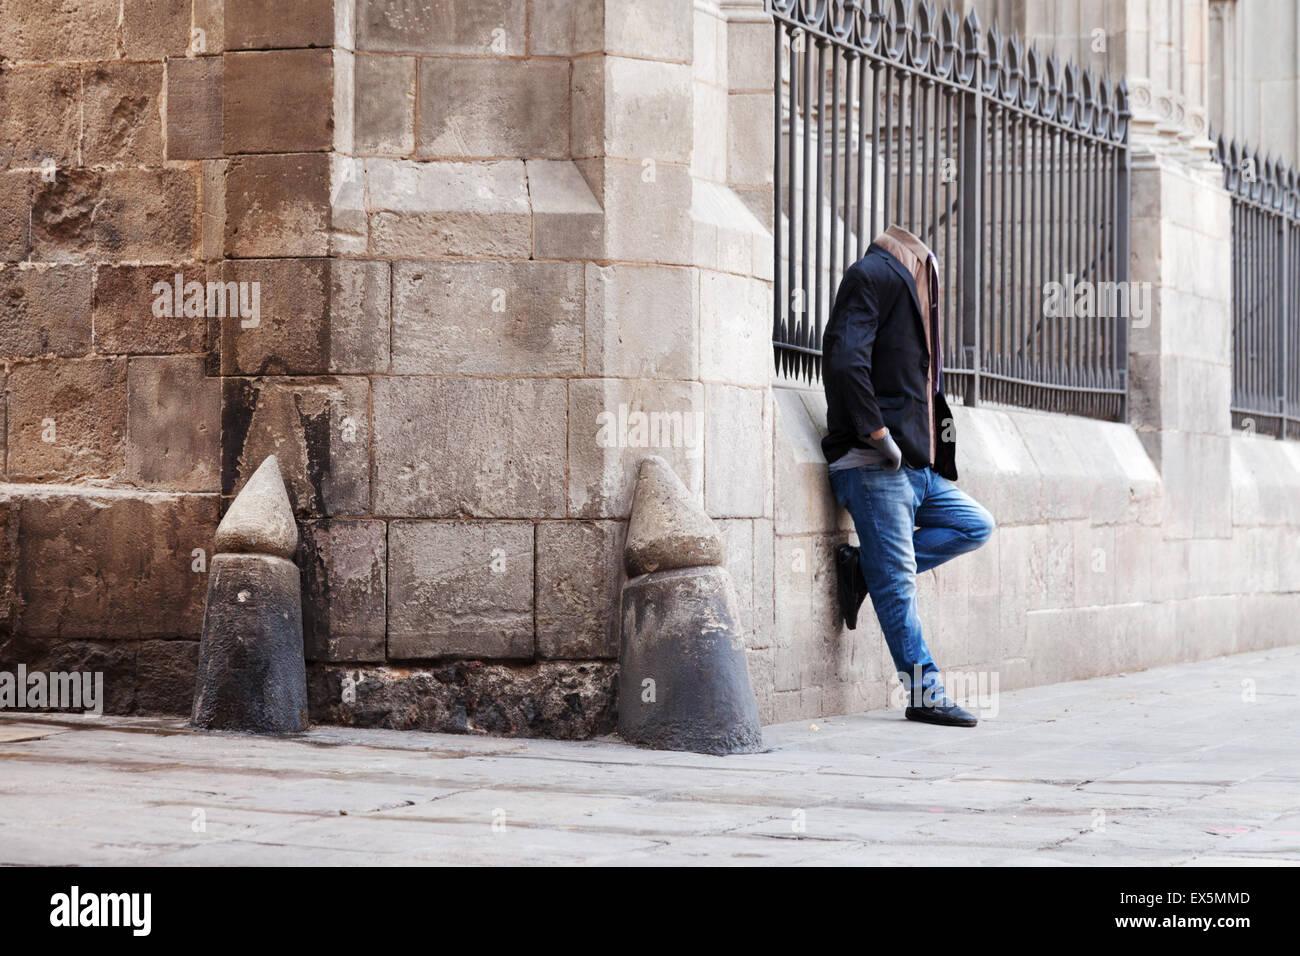 Artiste de rue sans tête l'exécution; le quartier Gothique (Barri Gotic), Barcelone, Espagne Photo Stock